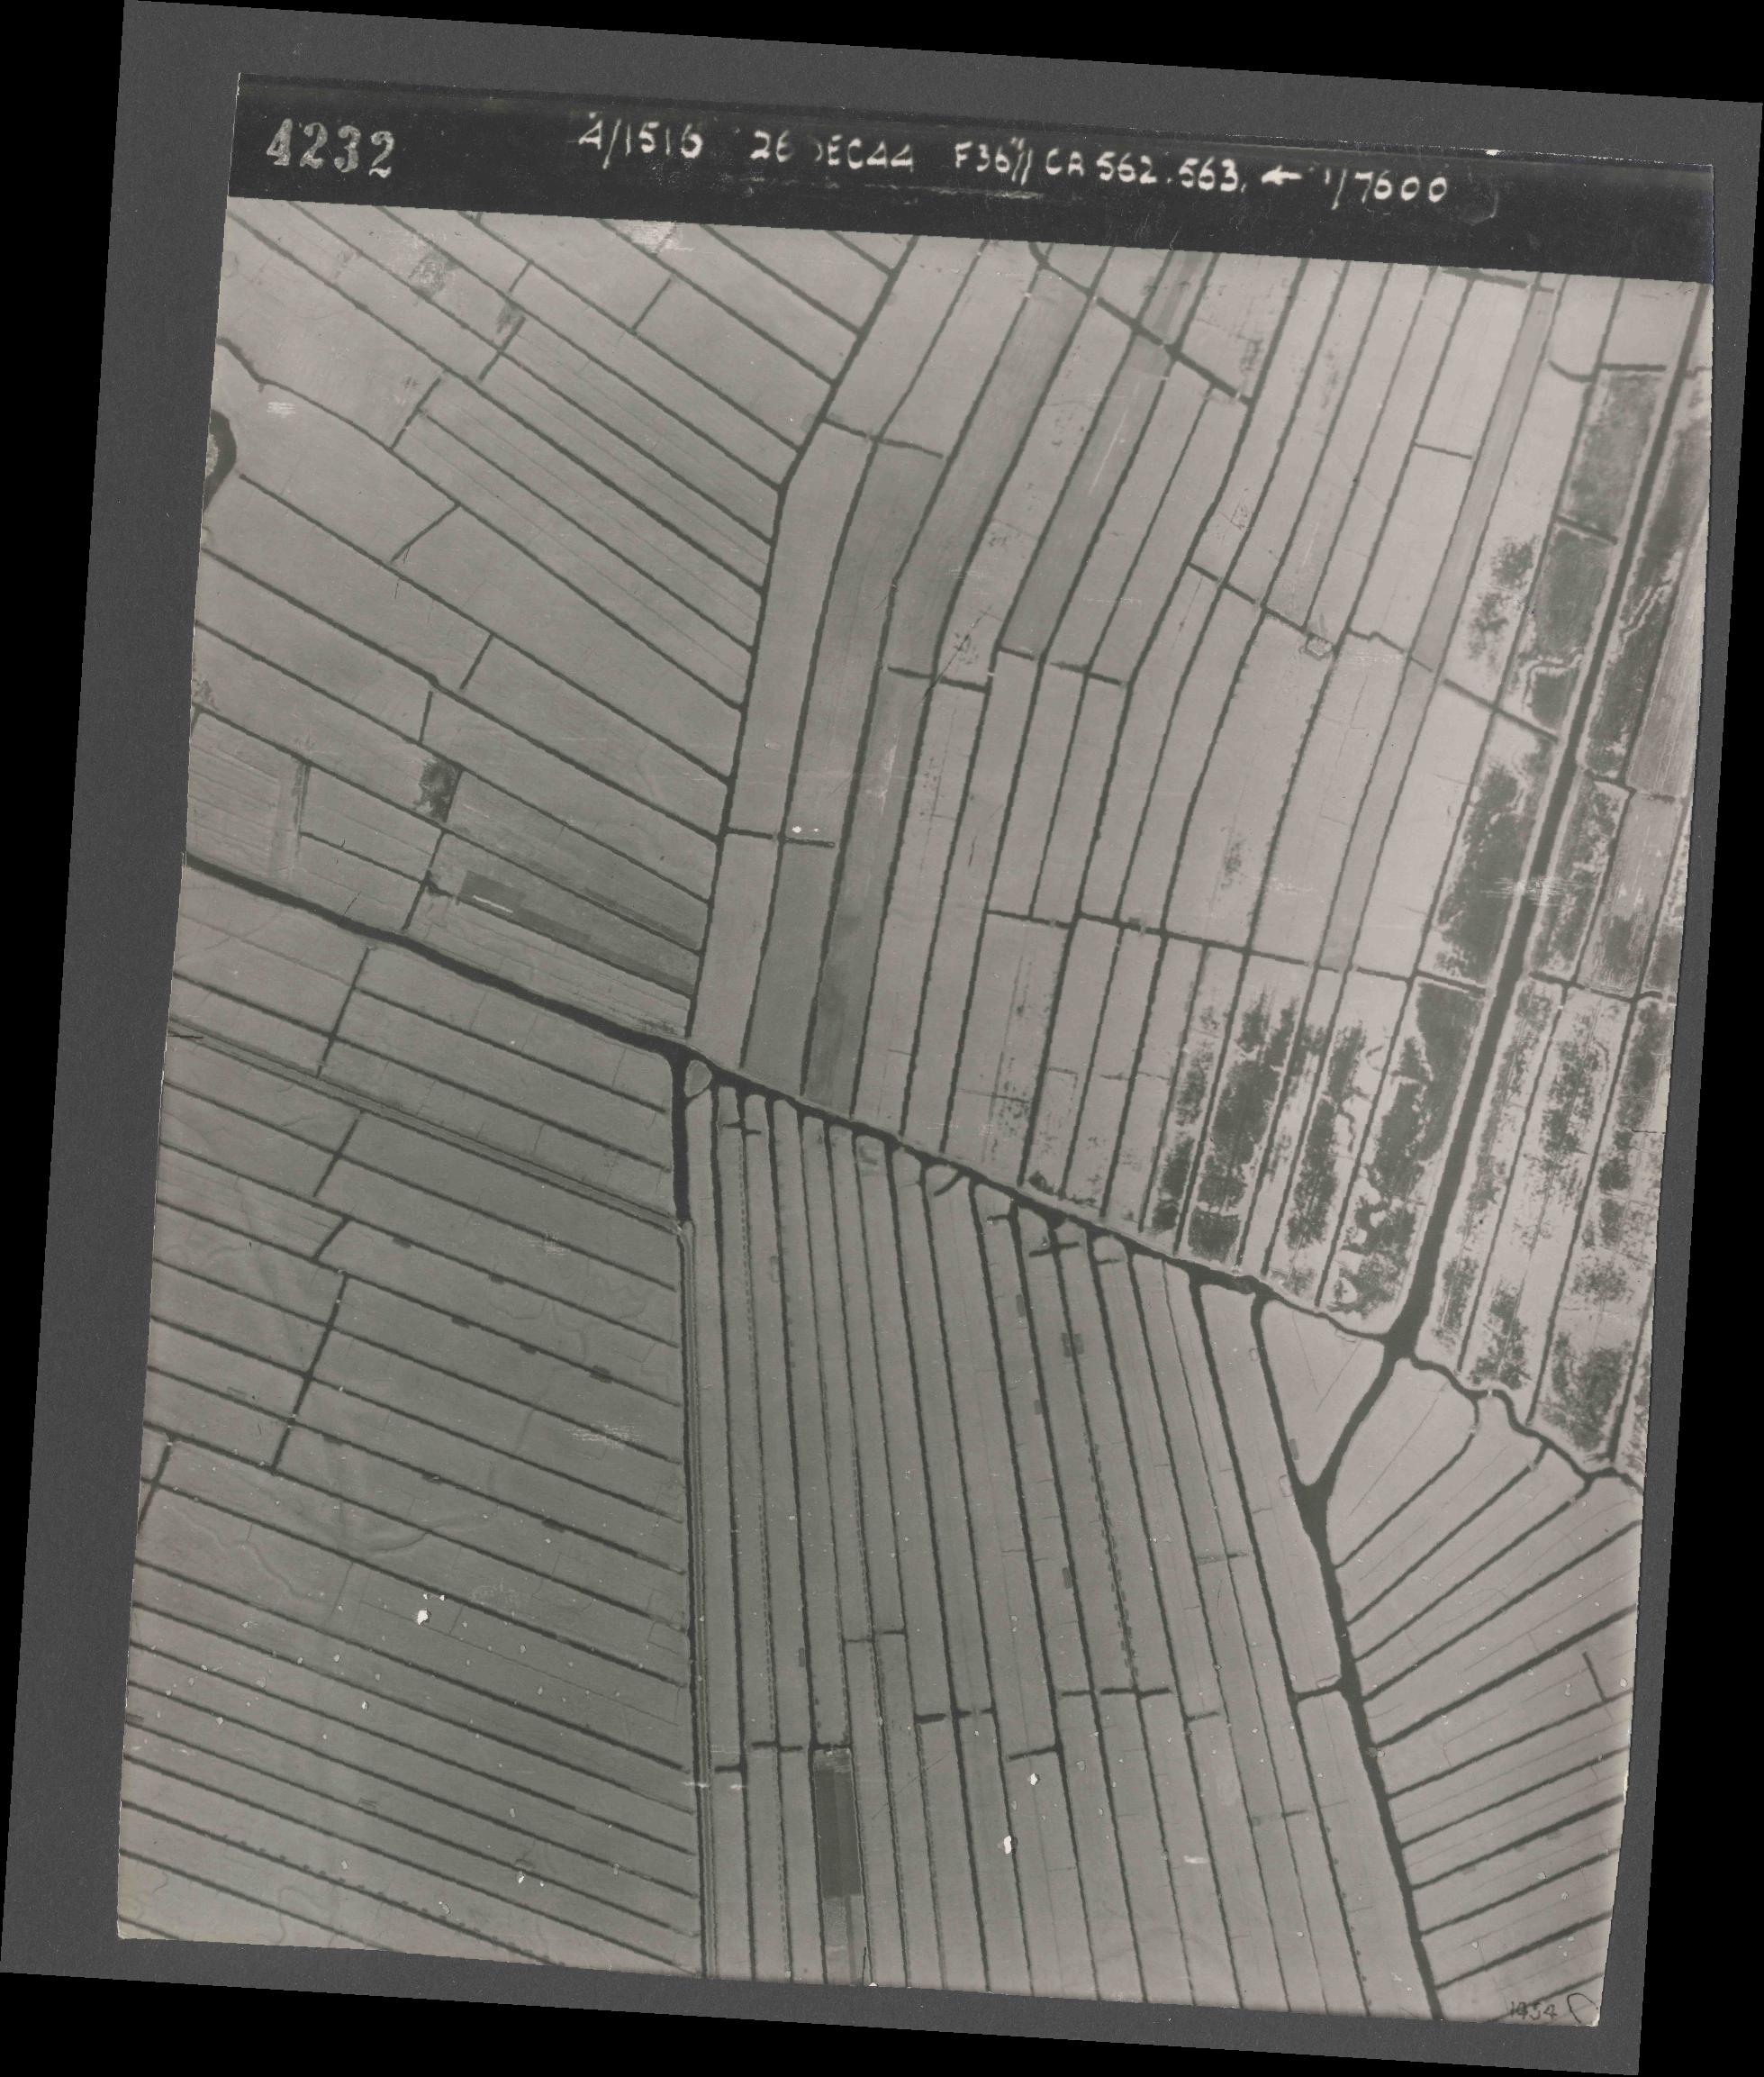 Collection RAF aerial photos 1940-1945 - flight 152, run 07, photo 4232